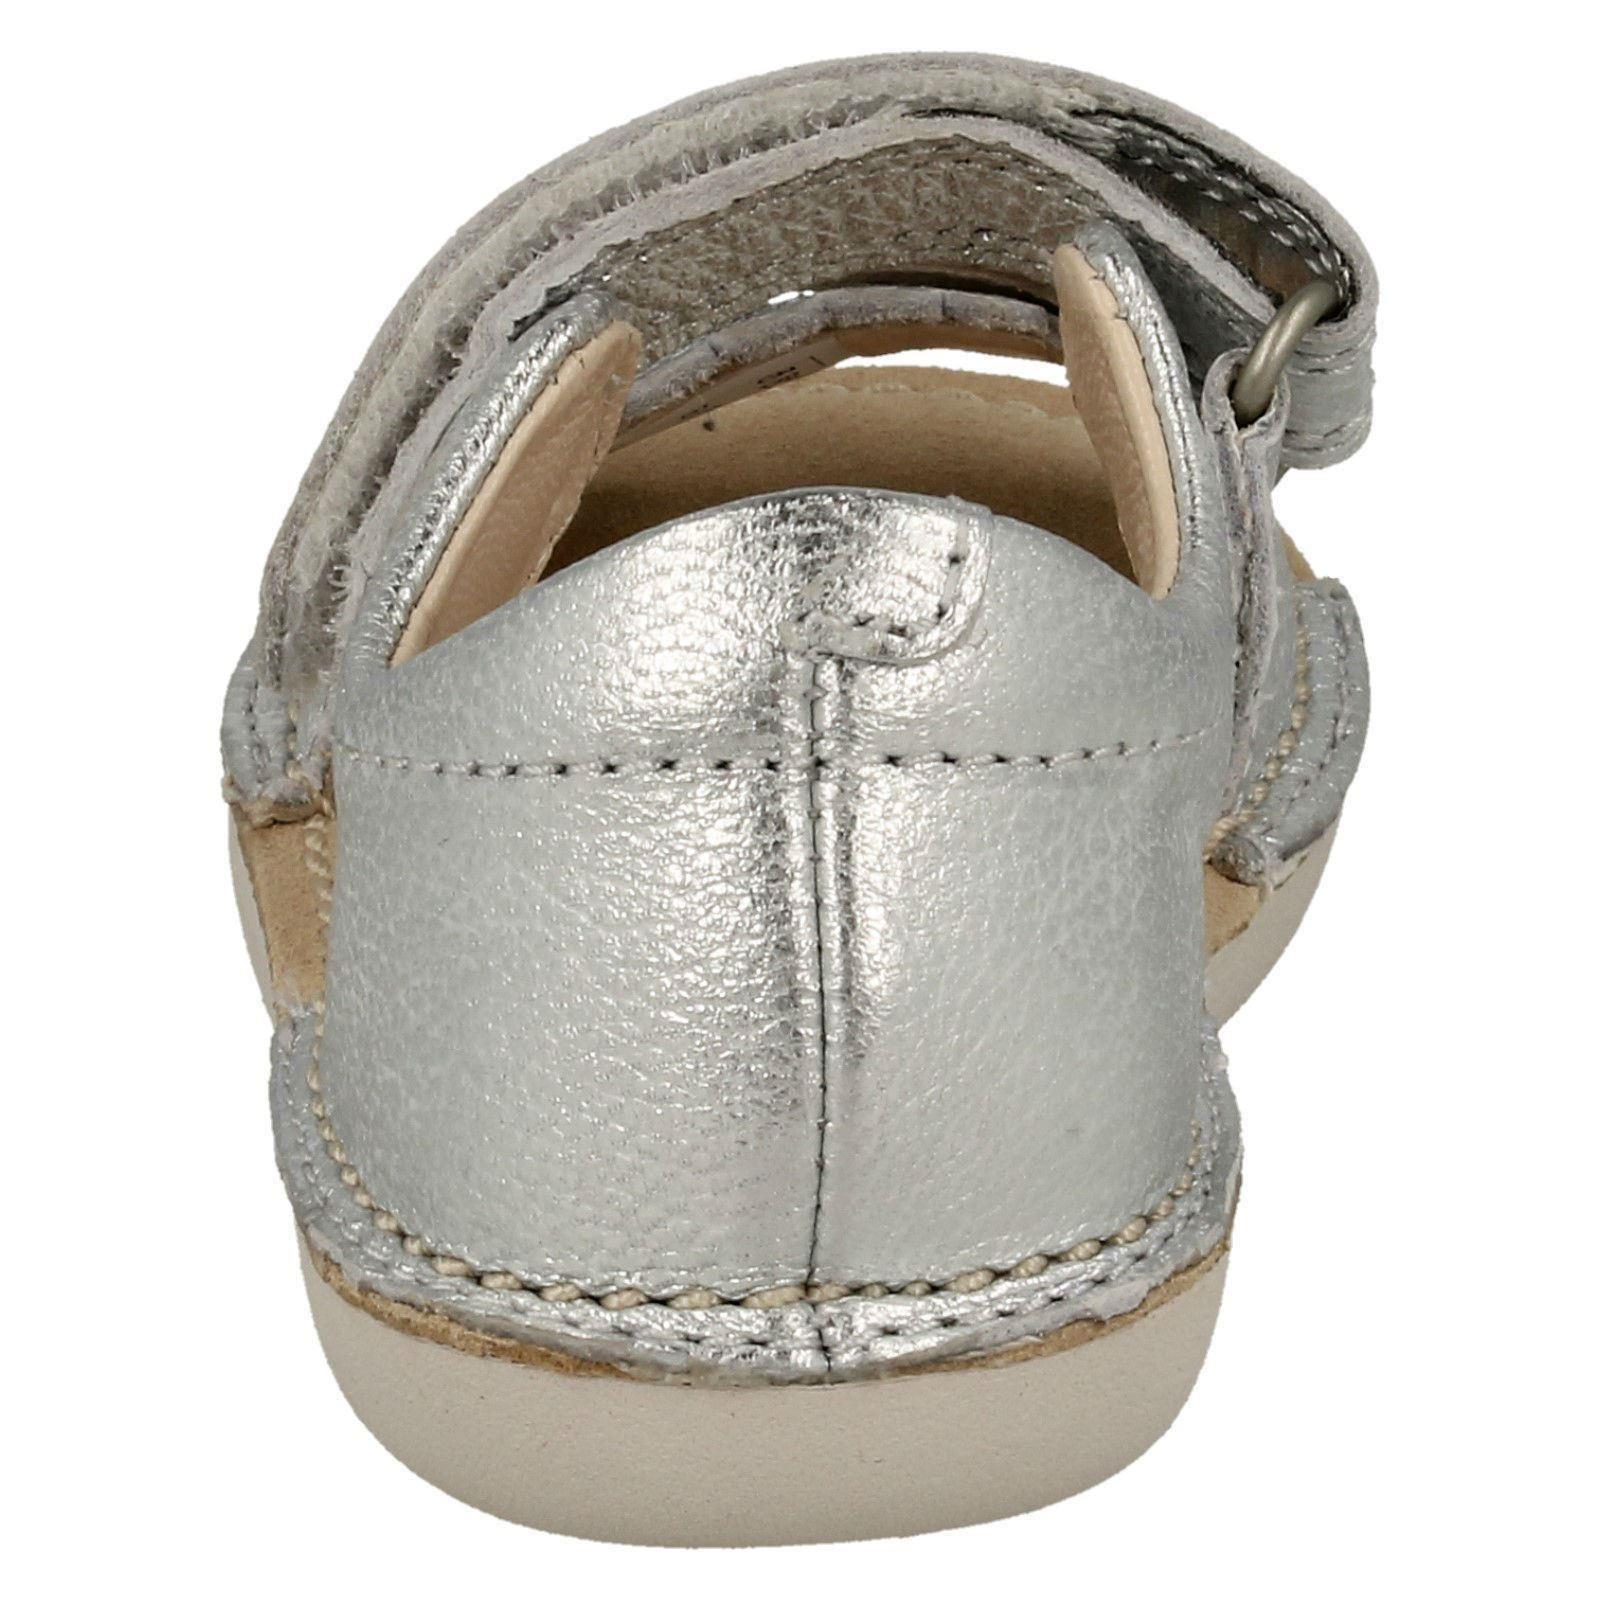 345e3e56b7a Clarks Girls Leather Heel in Open Toe Sandal Ivy Flora 6 Silver